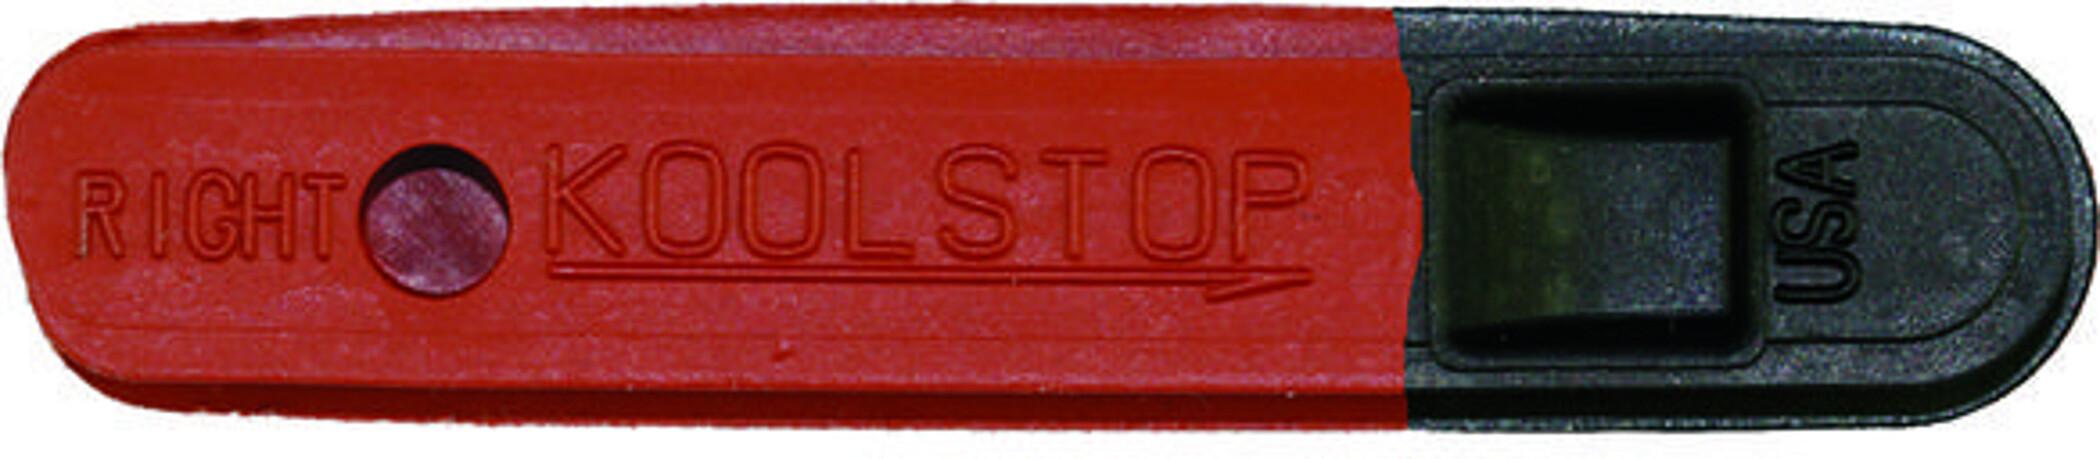 Kool Stop Dual Compound Fælgbremseklodser Campa Super Record 2011 | Bremseskiver og -klodser